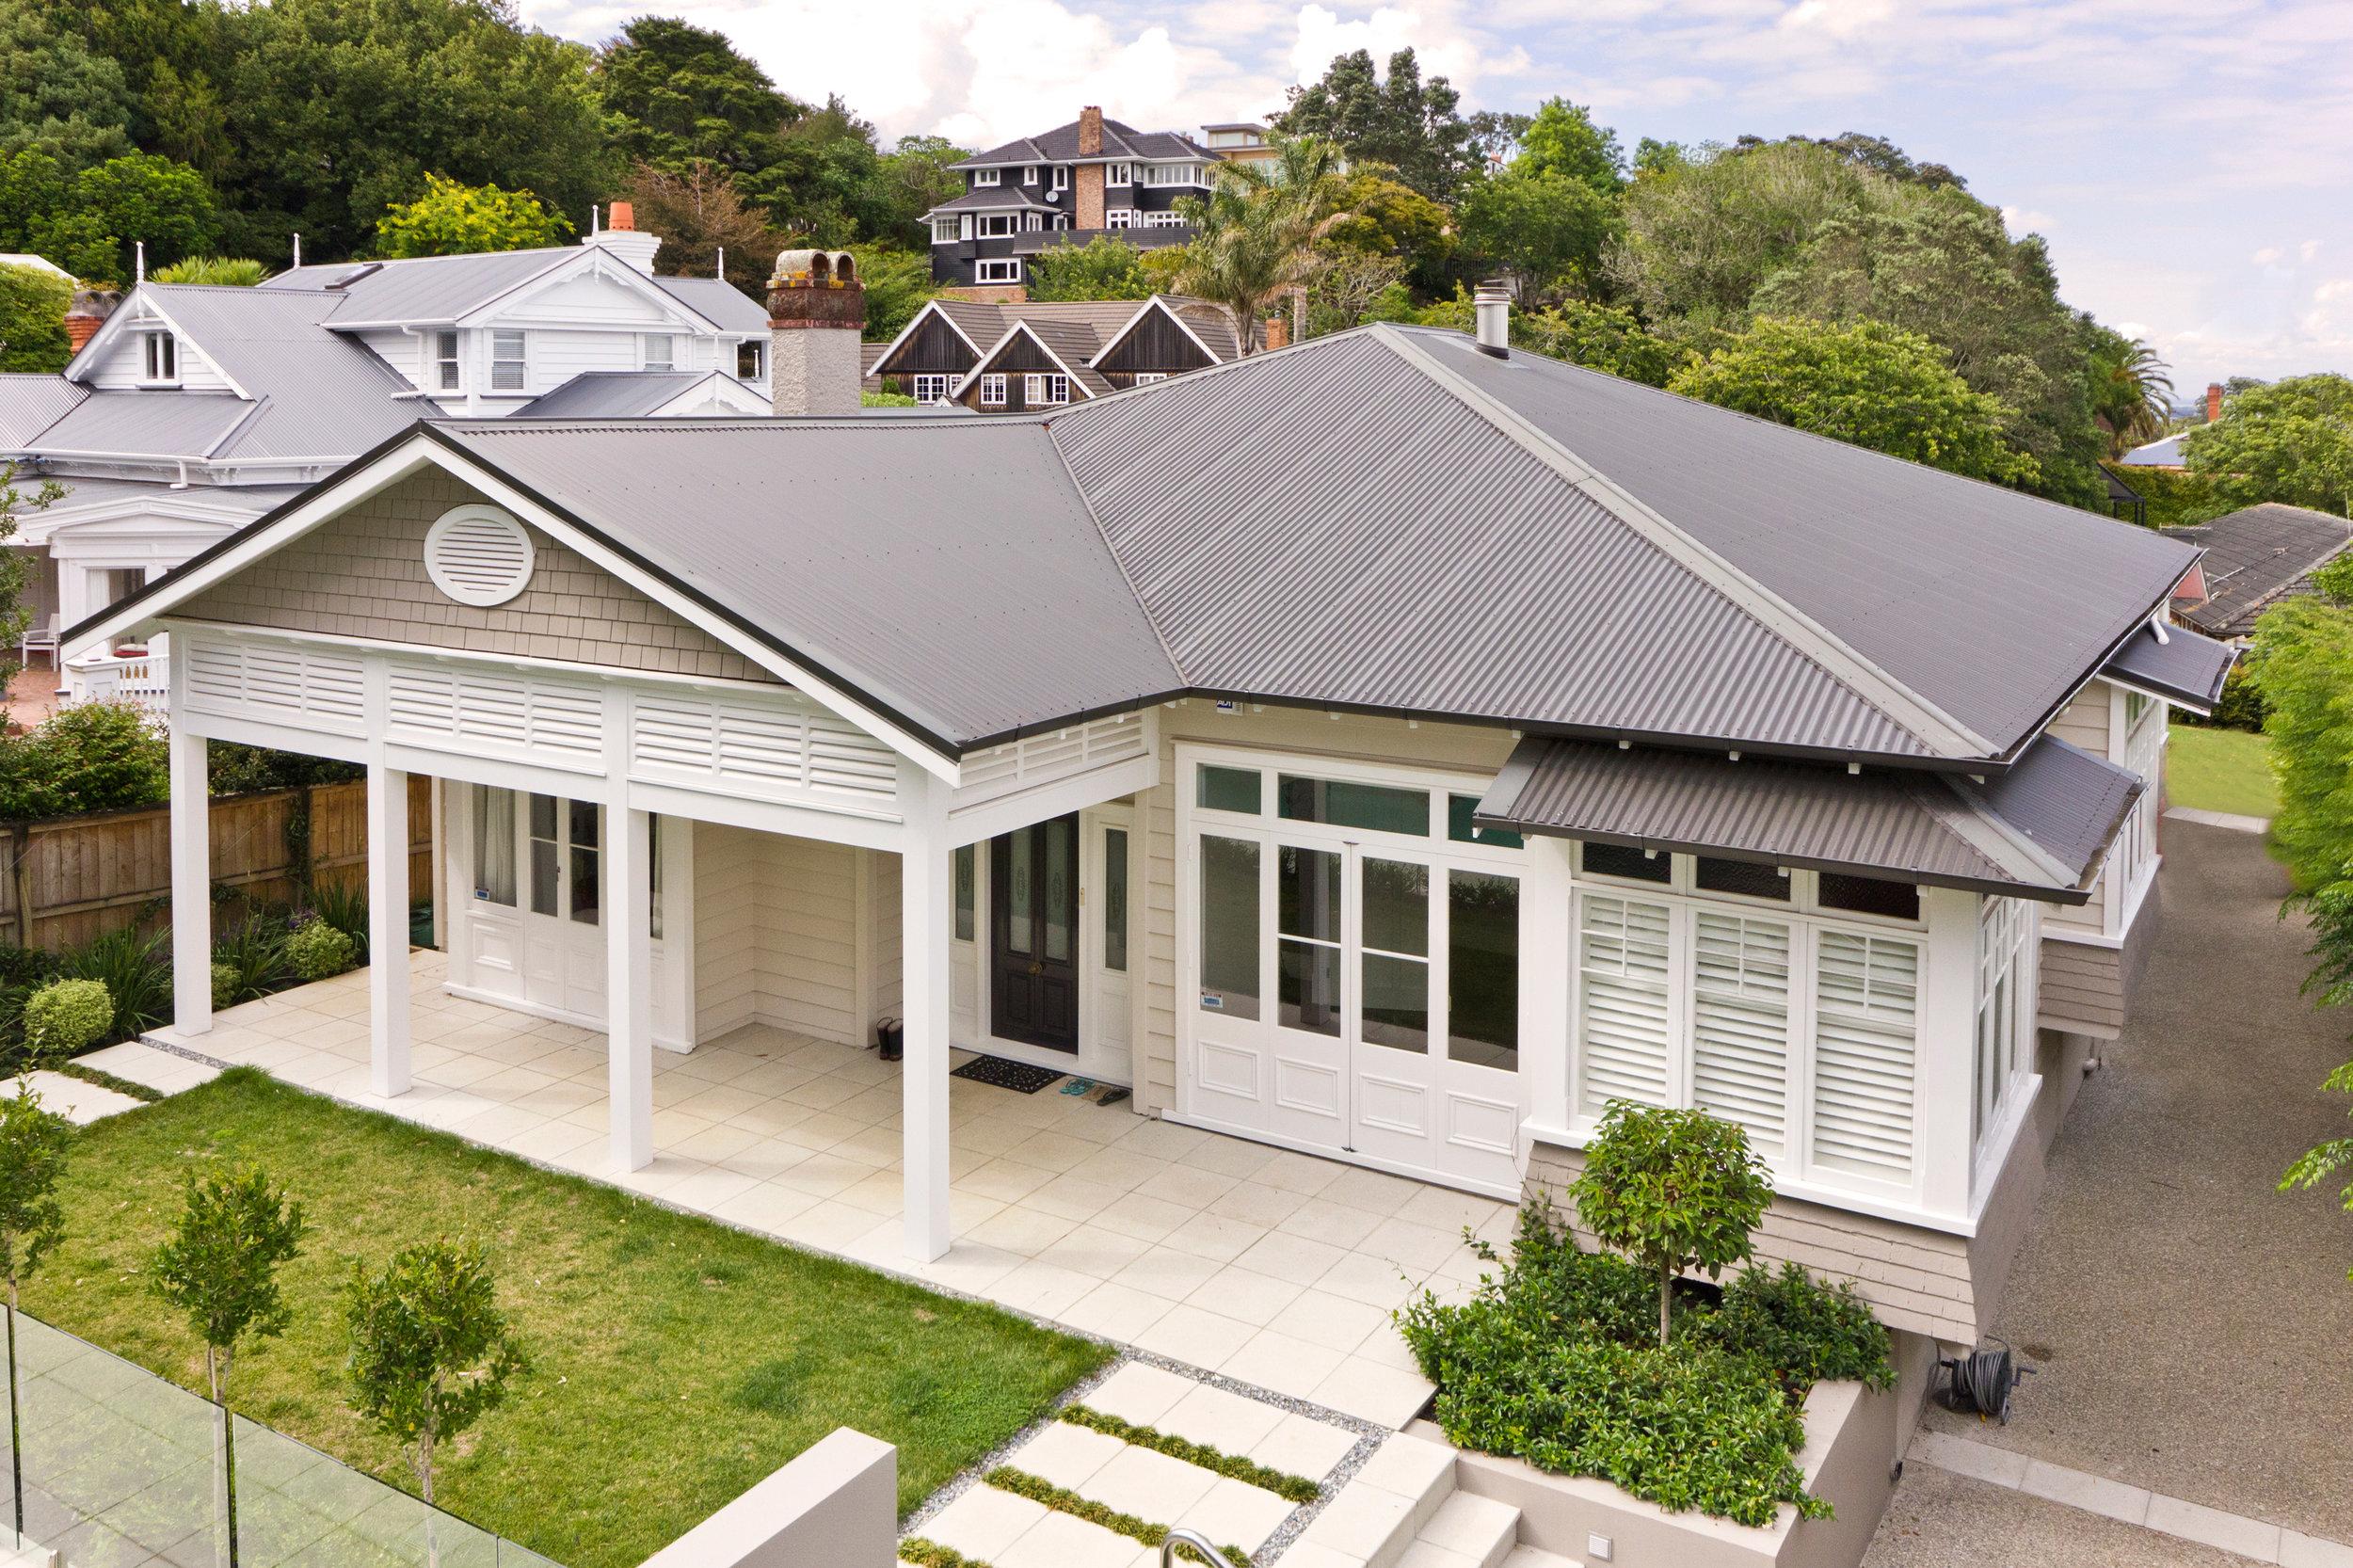 The-Roofing-Store-Steel-Metal-6.jpg.jpg